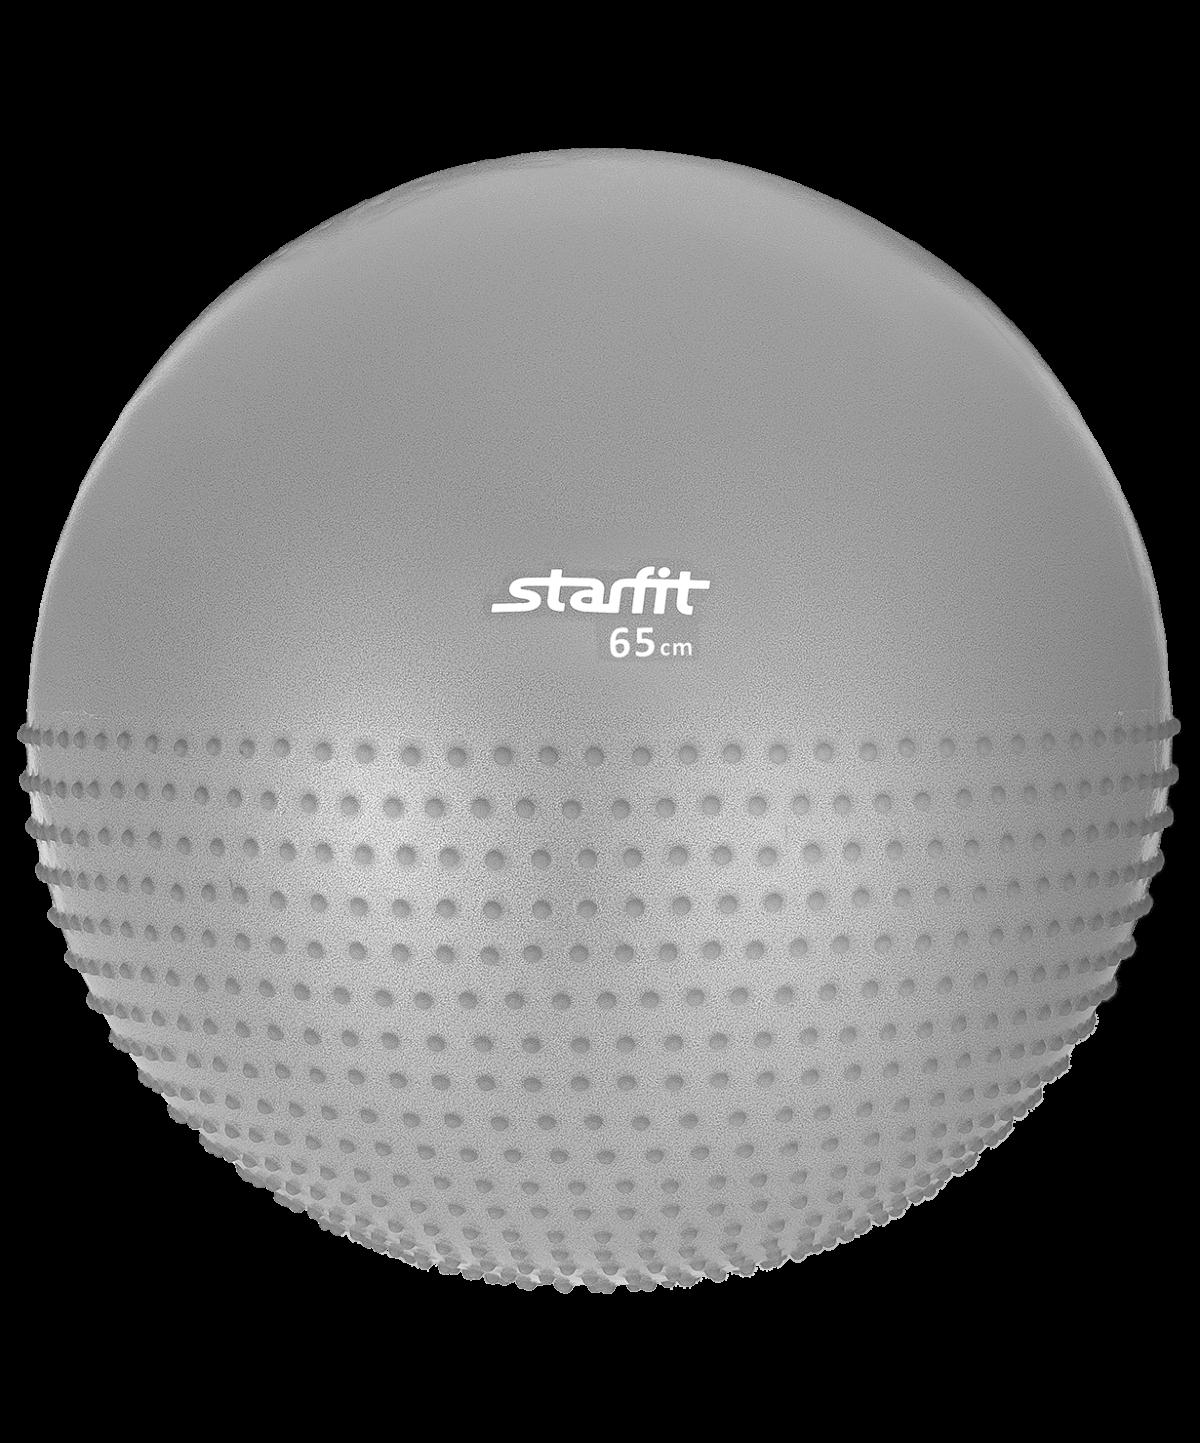 STARFIT Мяч гимнастический полумассажный антивзрыв 65 см GB-201 - 1